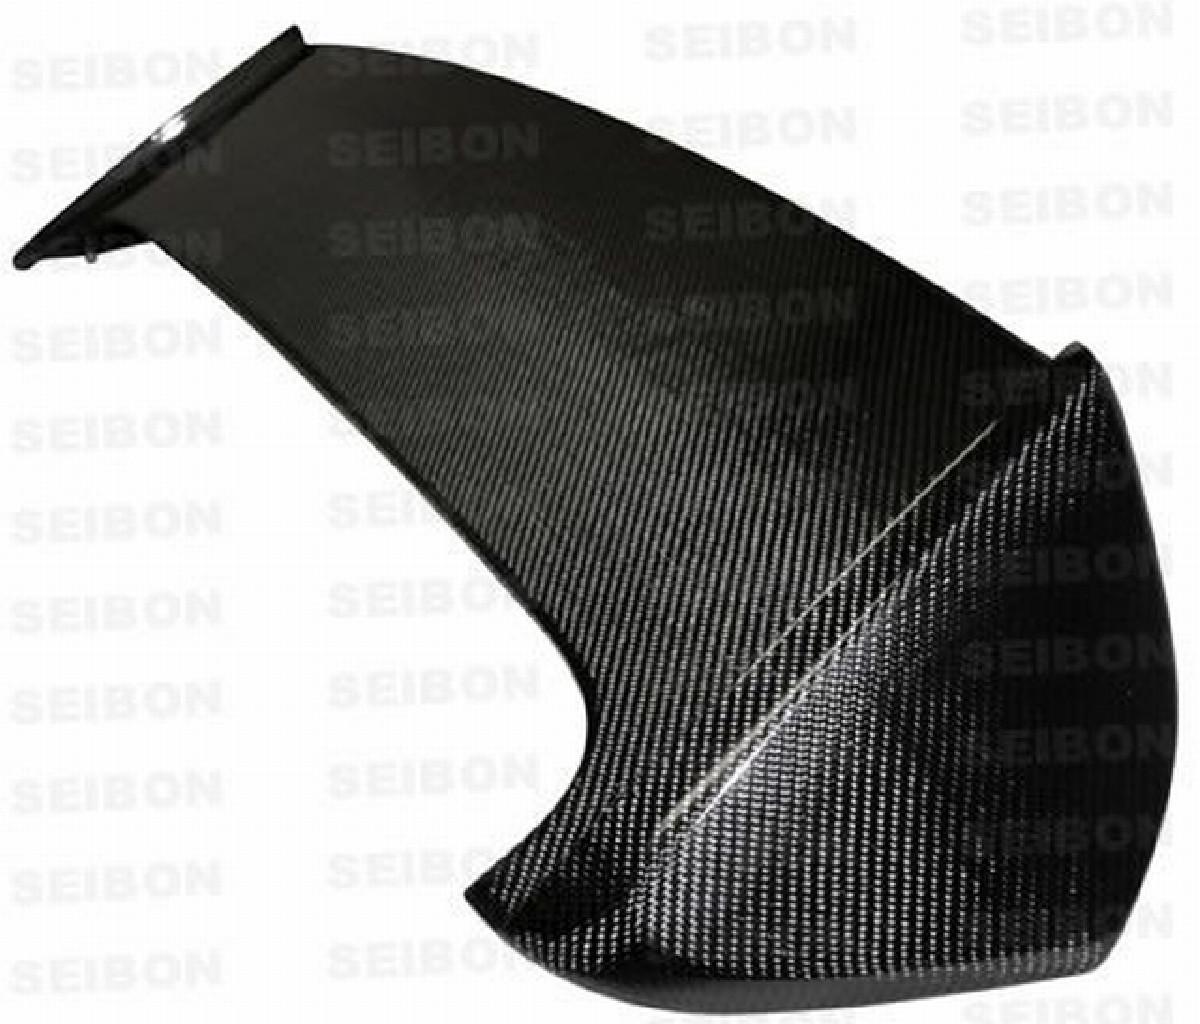 Seibon STI Carbon Heckspoiler Subaru Impreza WRX/STI HB ab 07